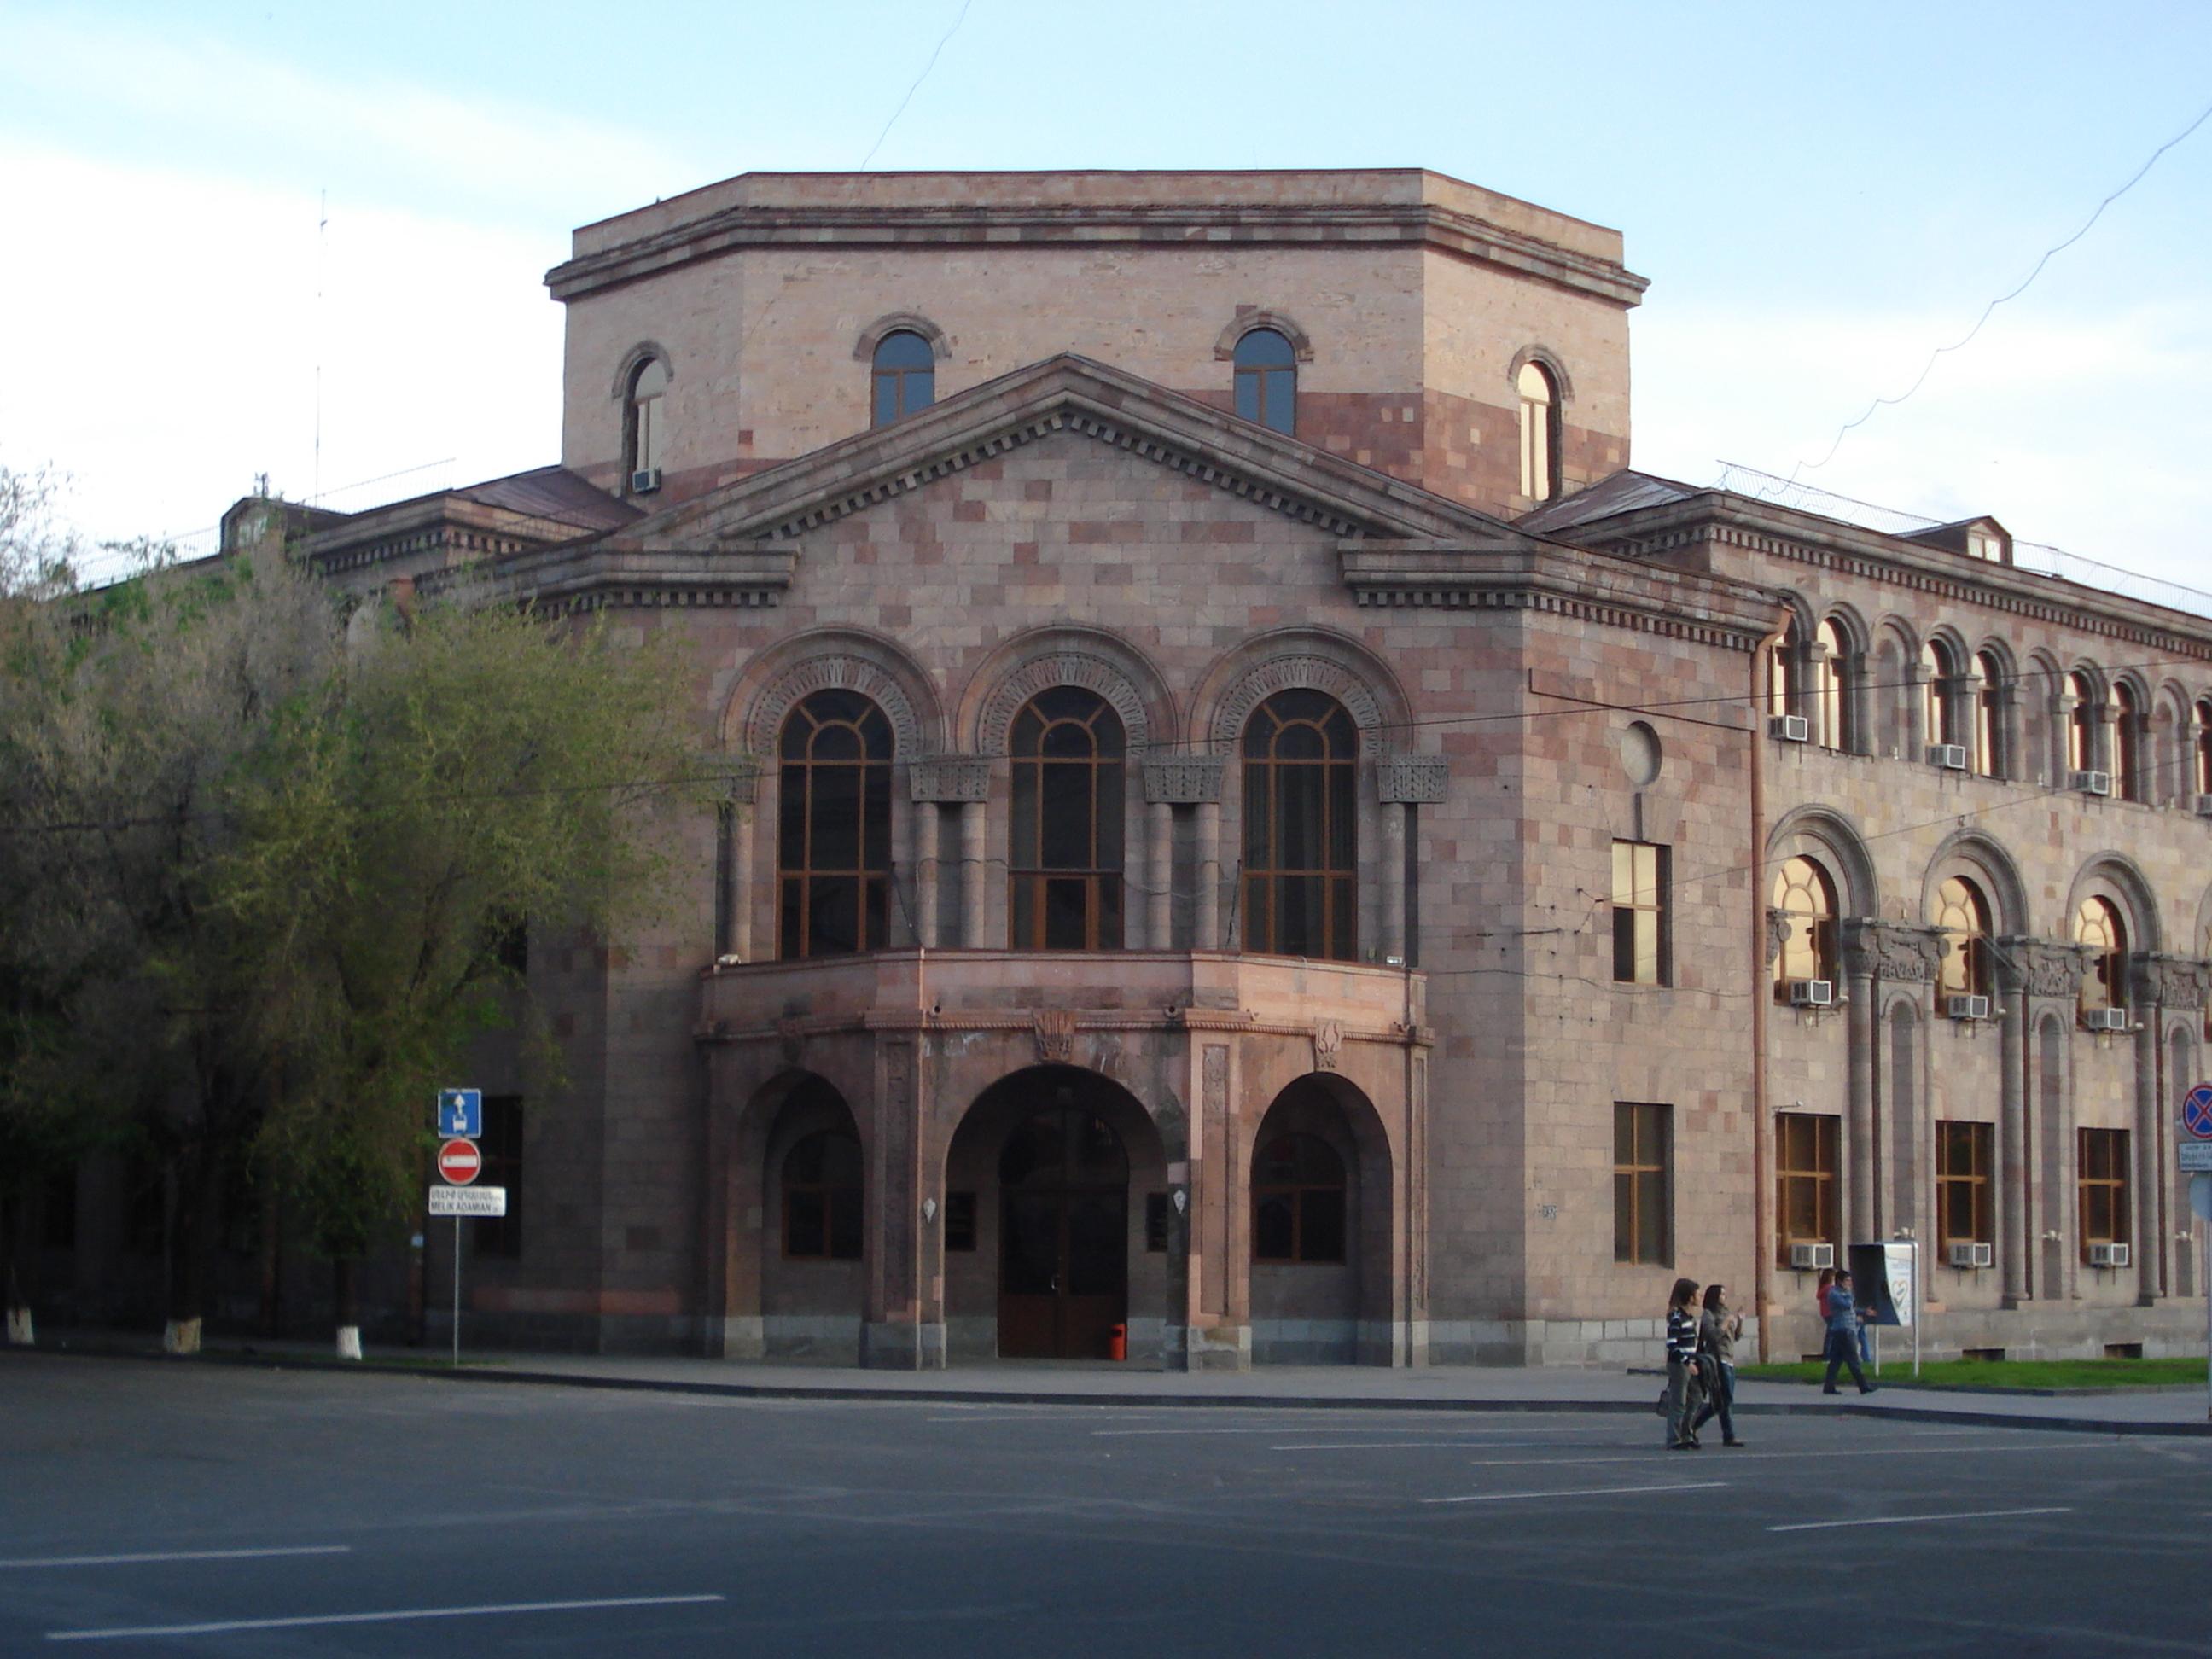 Ֆինանսների նախարարություն. Երևանում կայացել է ԵԱՏՀ կոլեգիային կից հարկային քաղաքականության և վարչարարության խորհրդատվական կոմիտեի նիստը